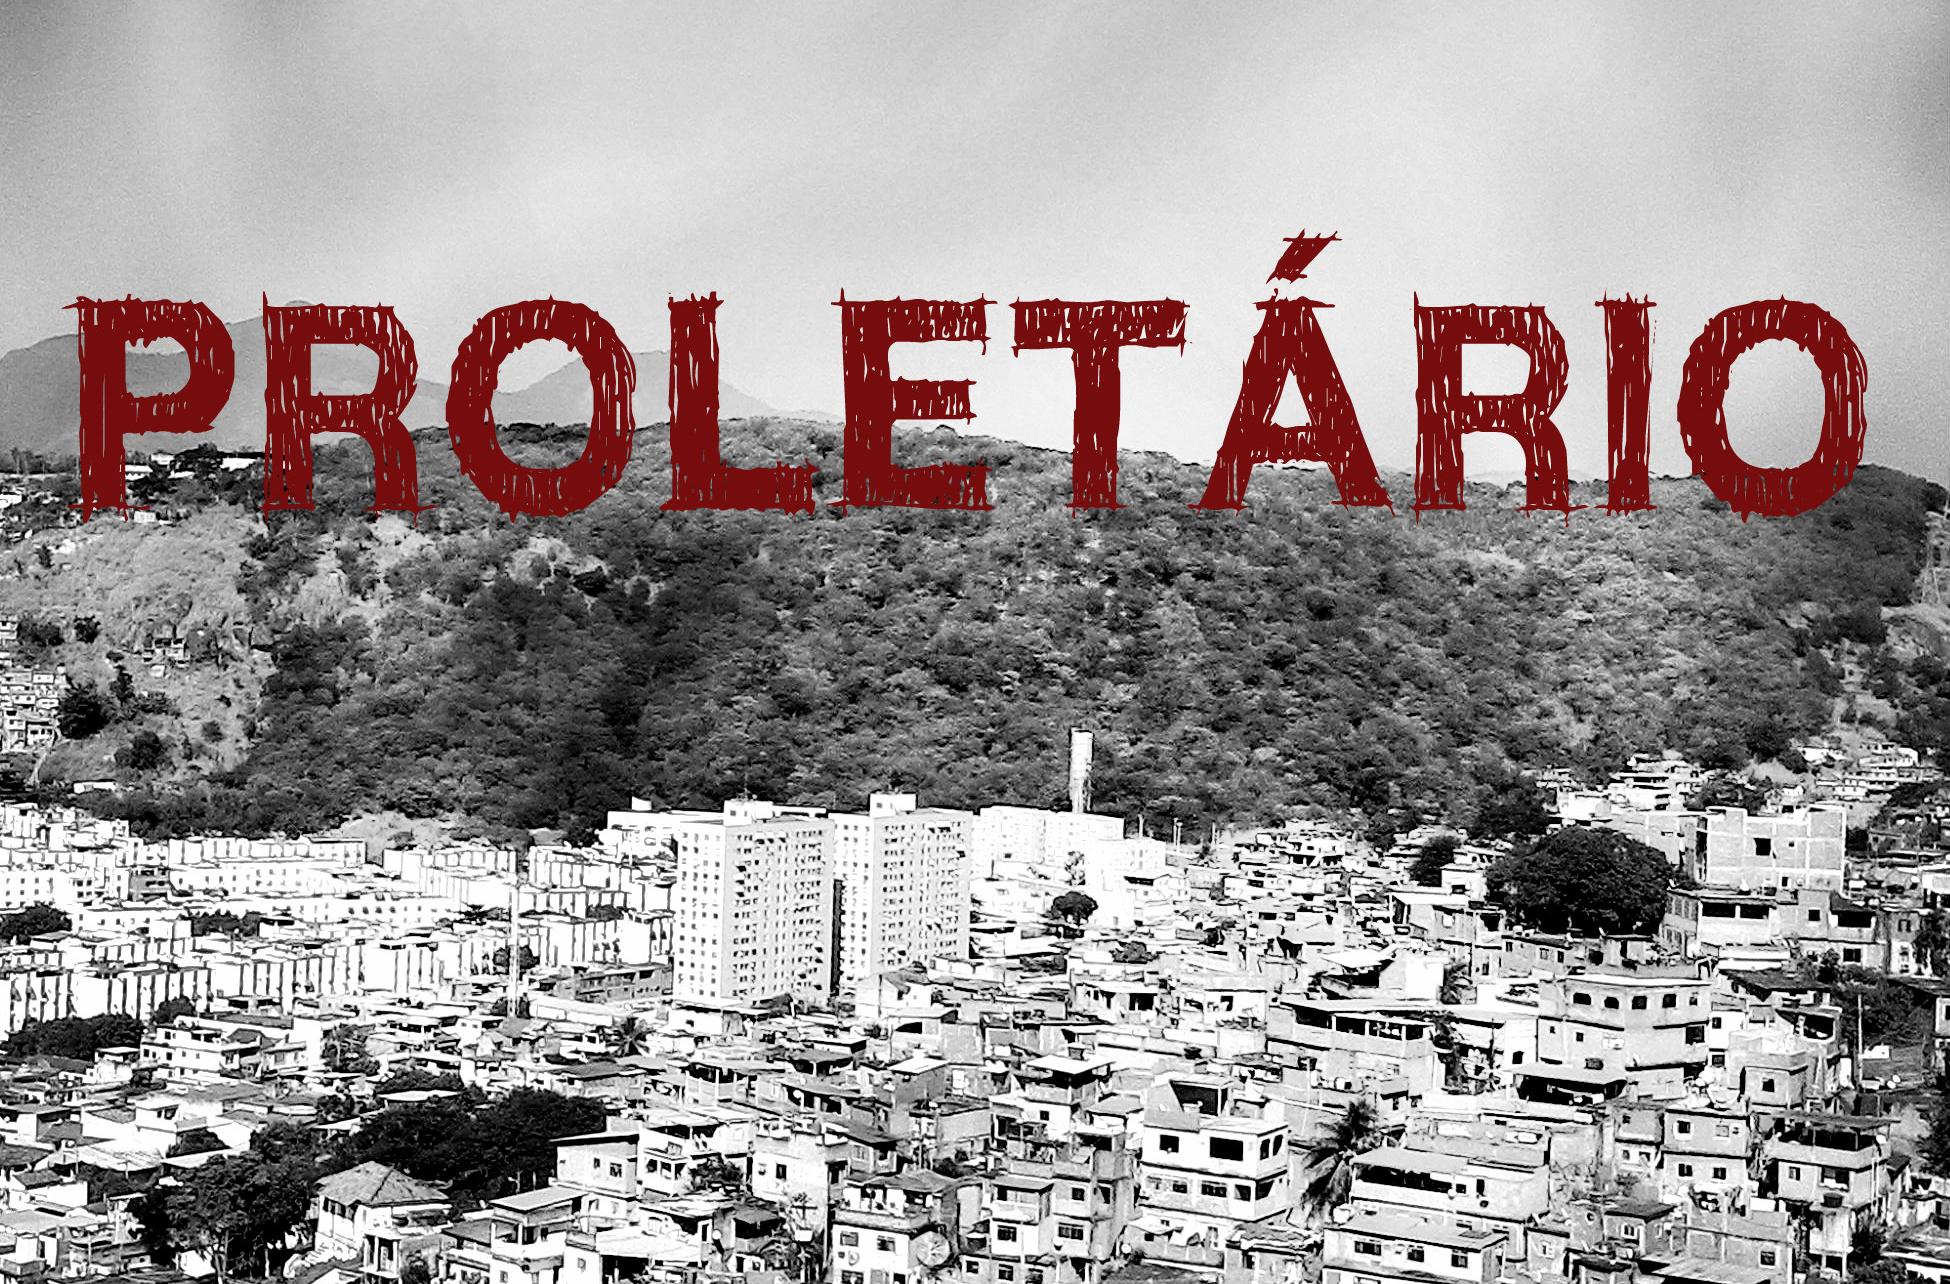 Escritor da Vila Cruzeiro sonha em ganhar concurso e ter livro publicado